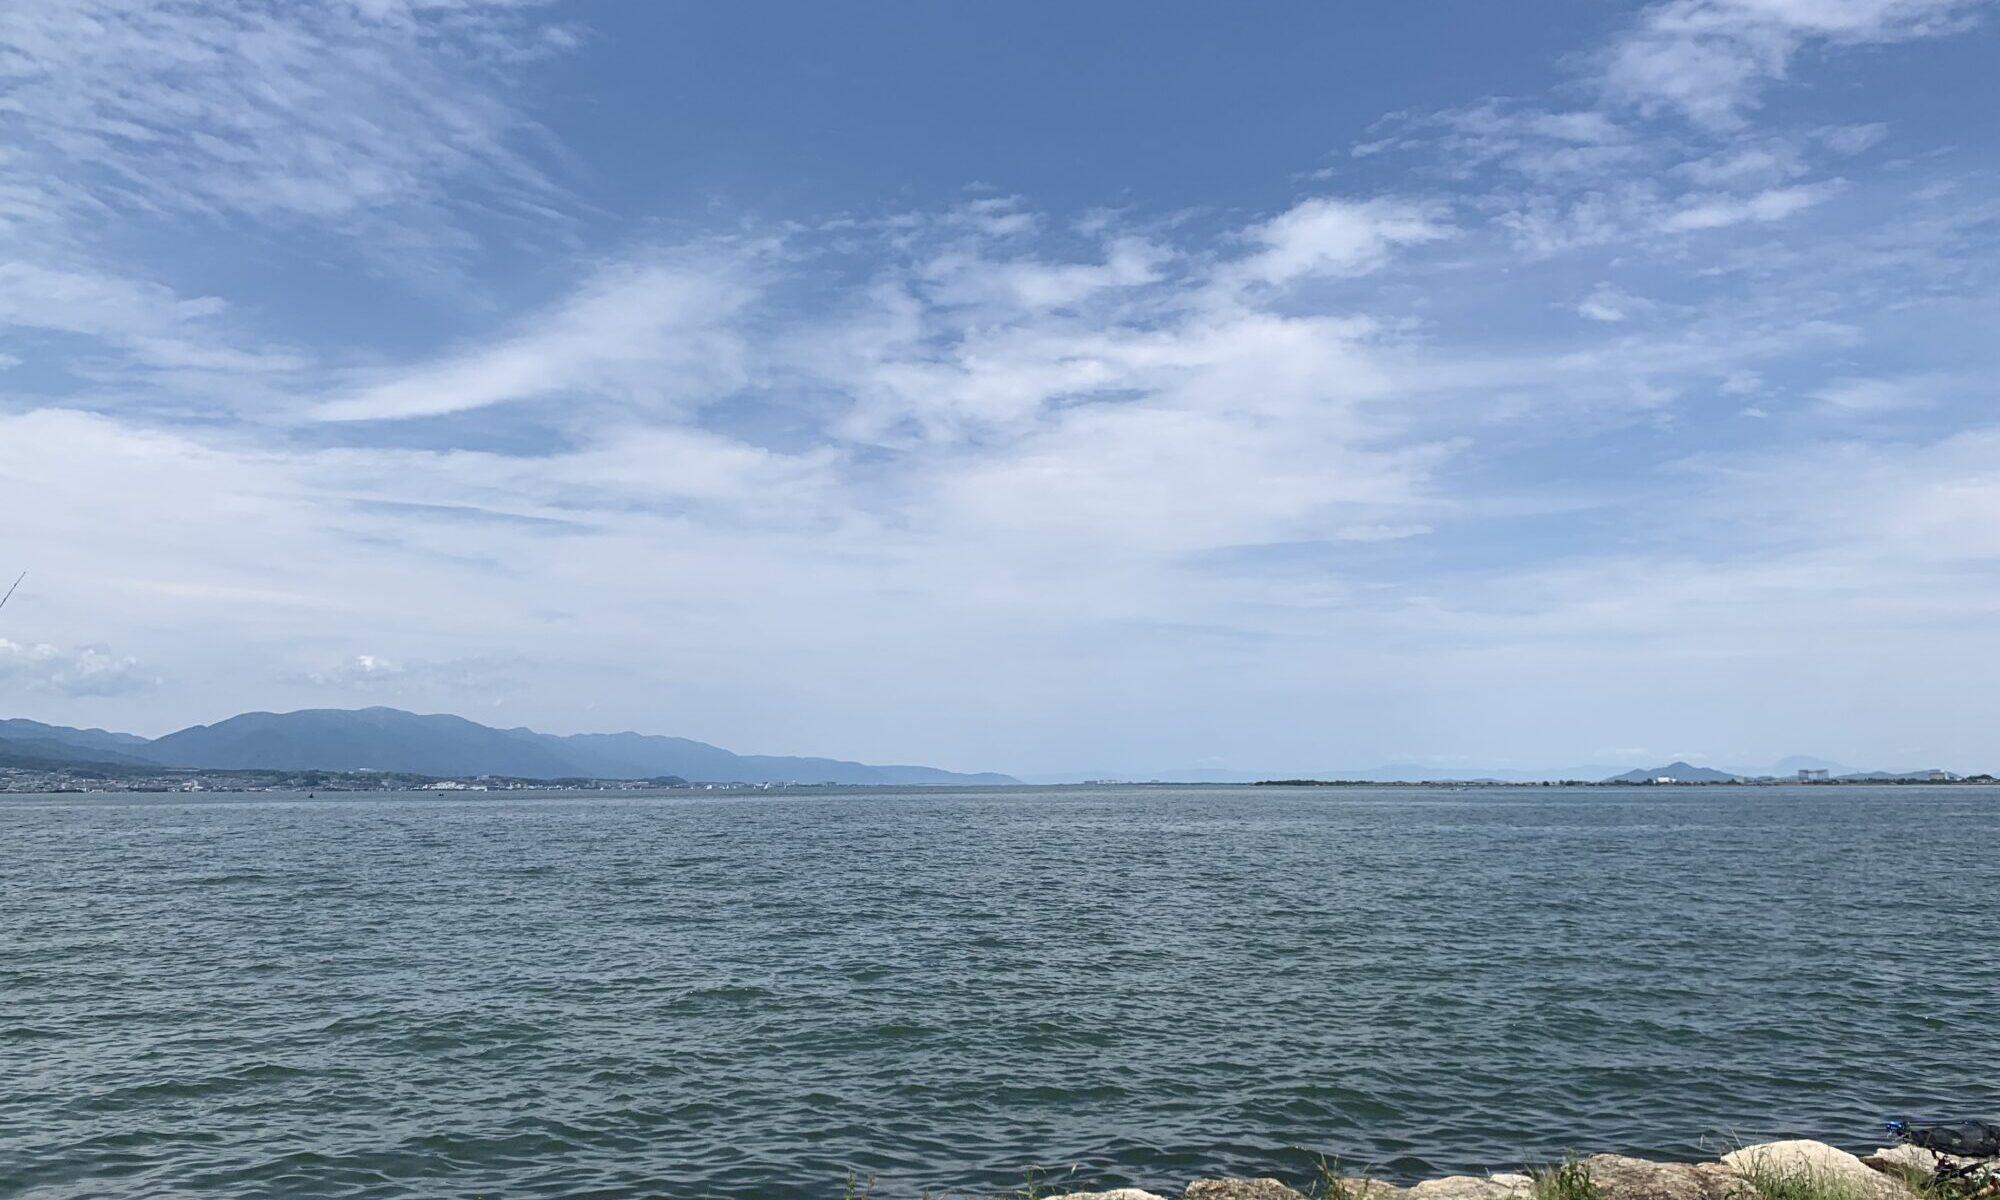 琵琶湖✧︎ (本編とは全く関係ありません。┏○)